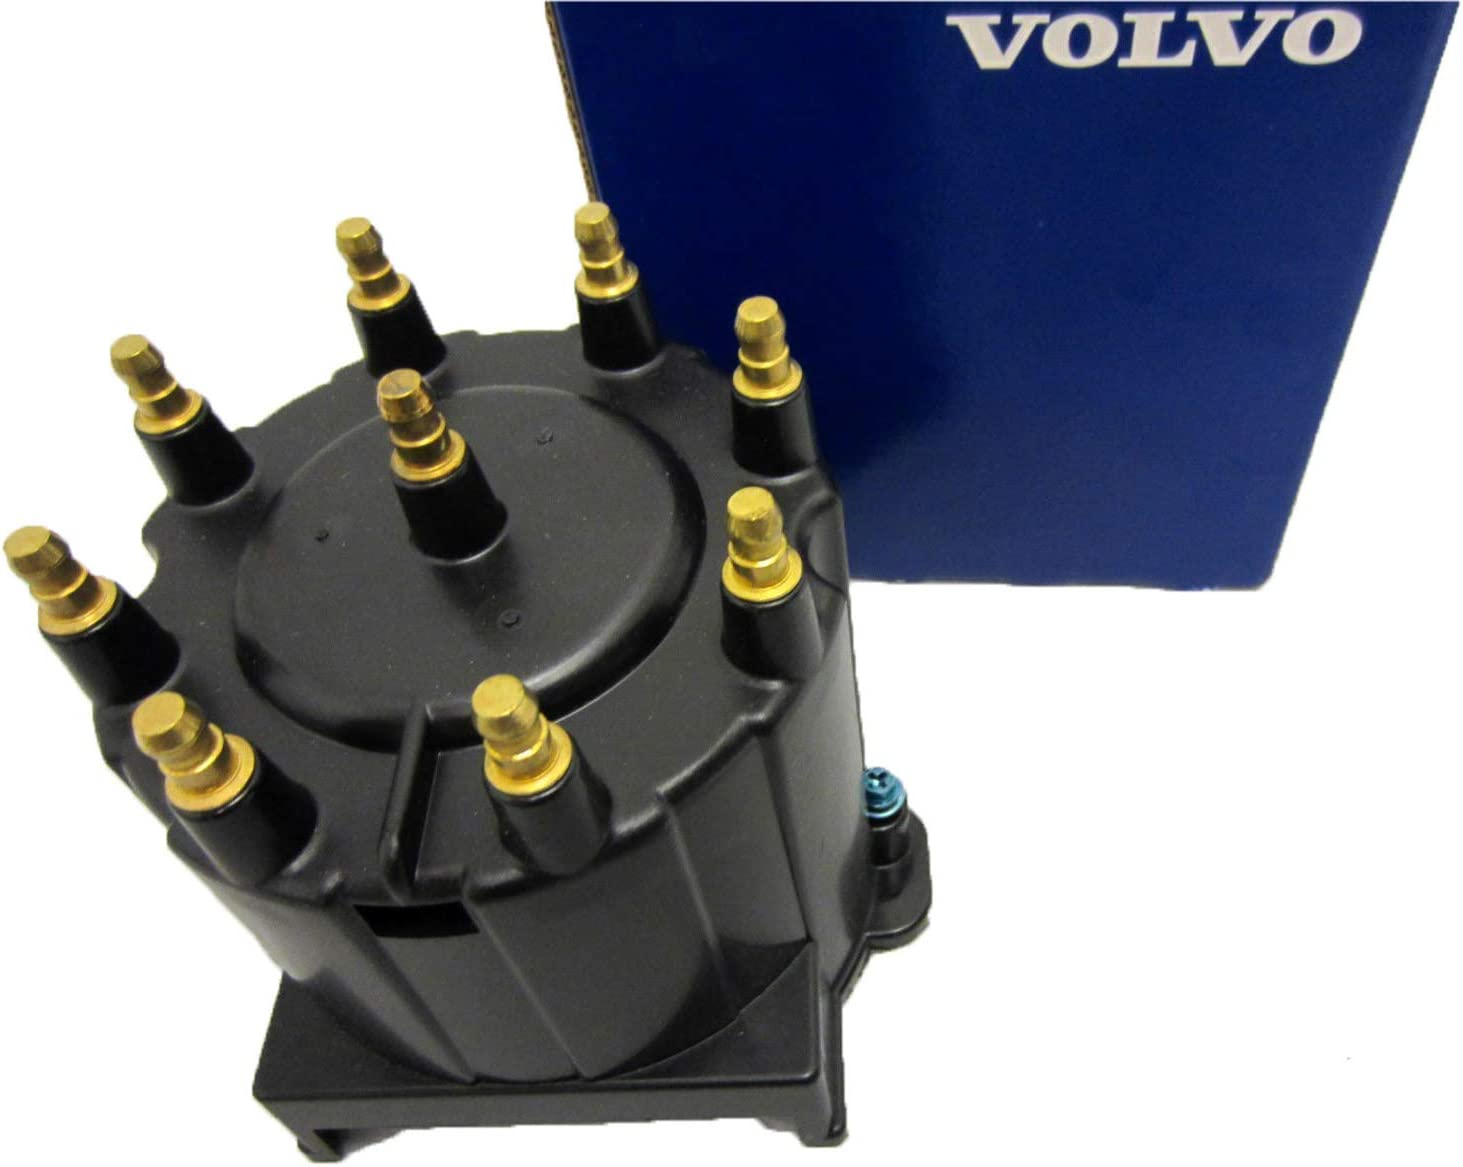 5.7L Volvo Penta New OEM Ignition Distributor Cap 3854548 5.0L 7.4L V8